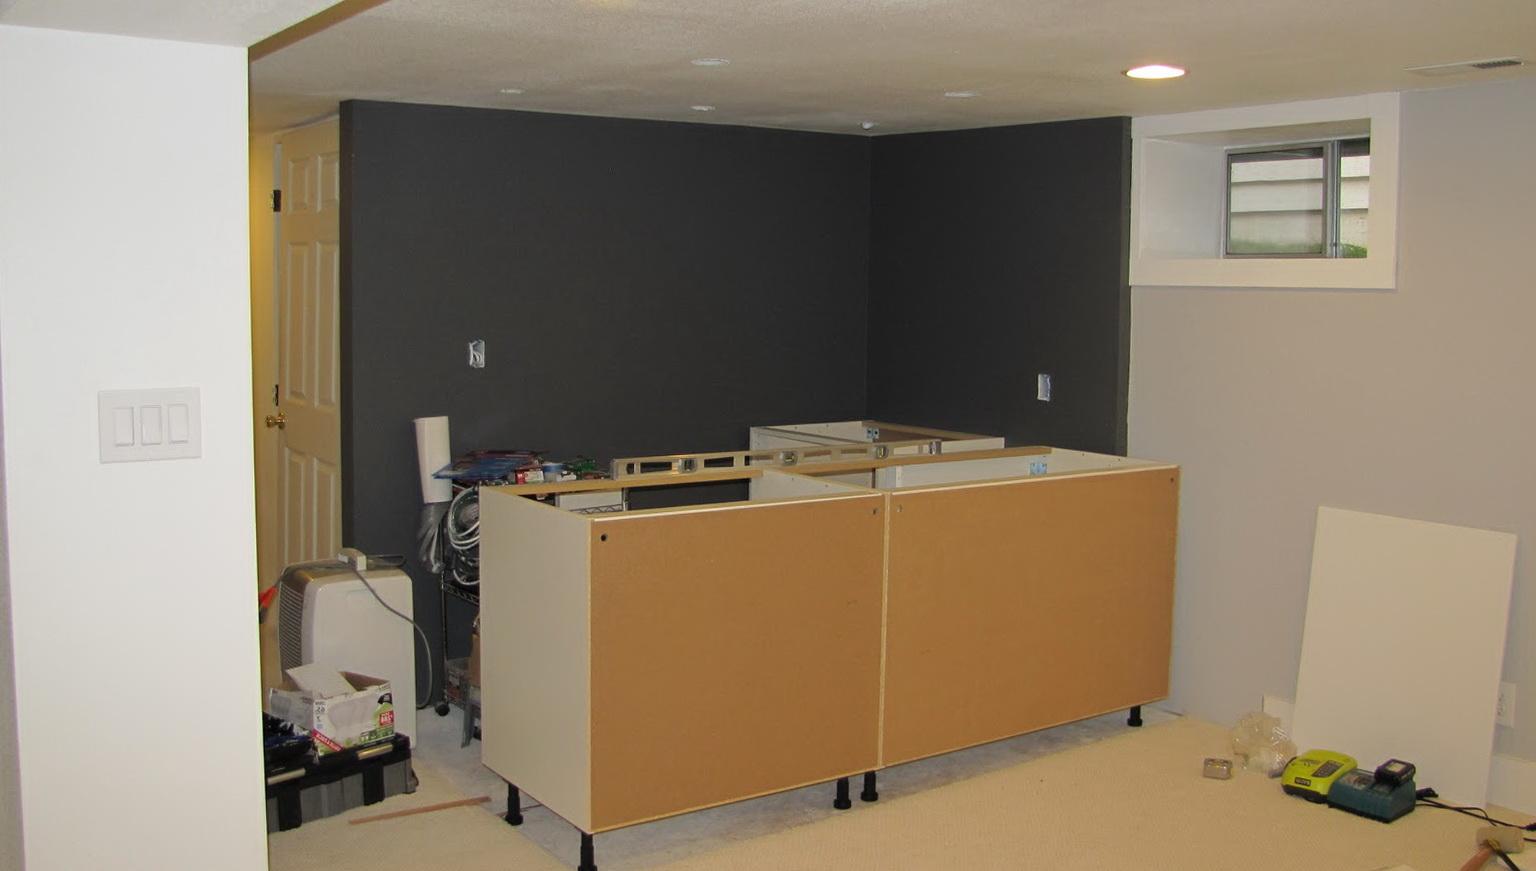 Ikea Cabinet Doors Uneven